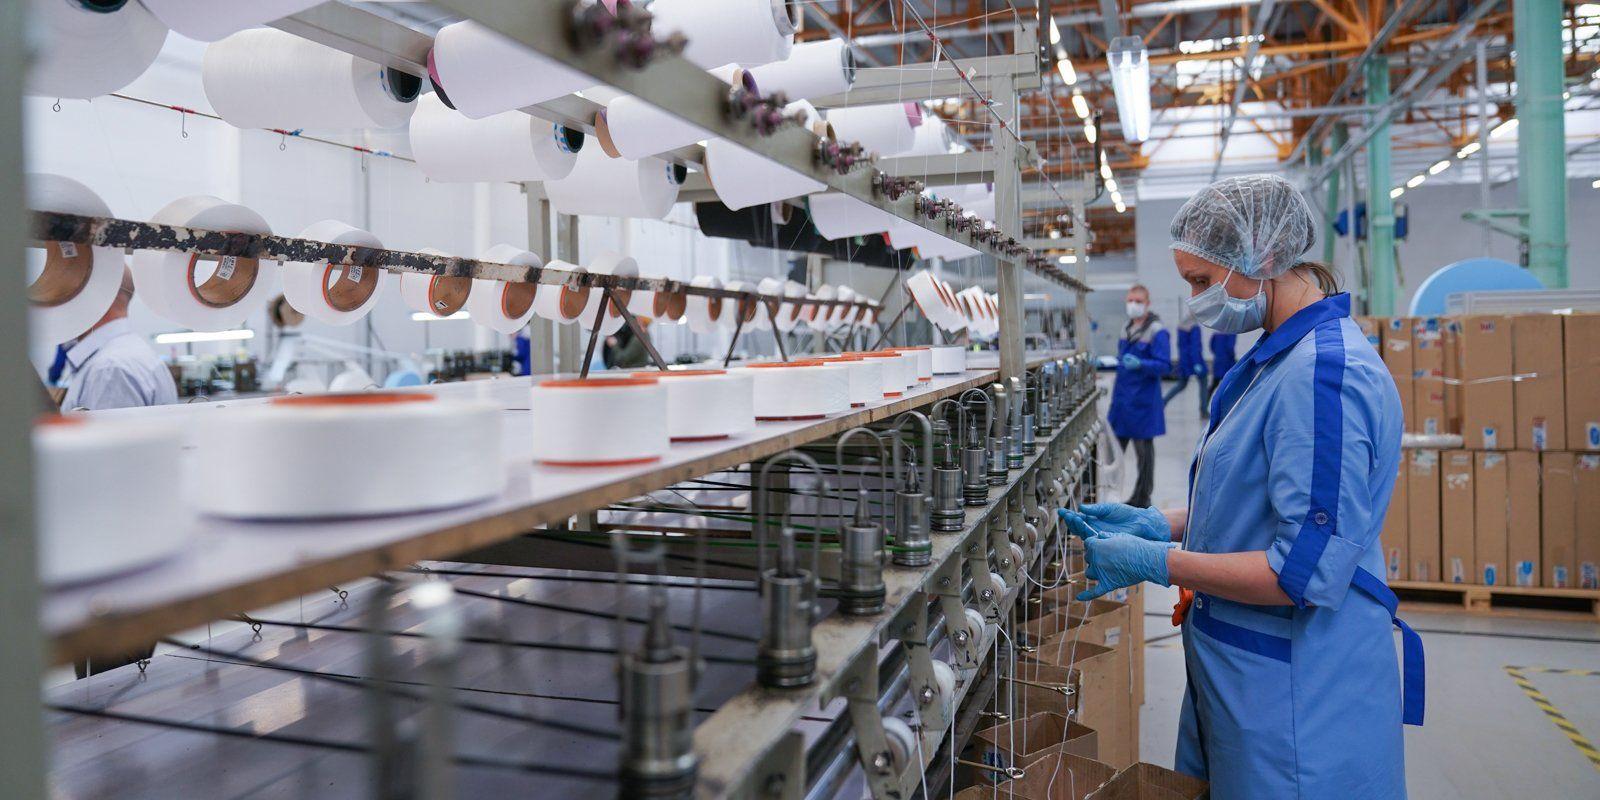 Объем производства масок в технополисе «Москва» достиг 900 тысяч в сутки